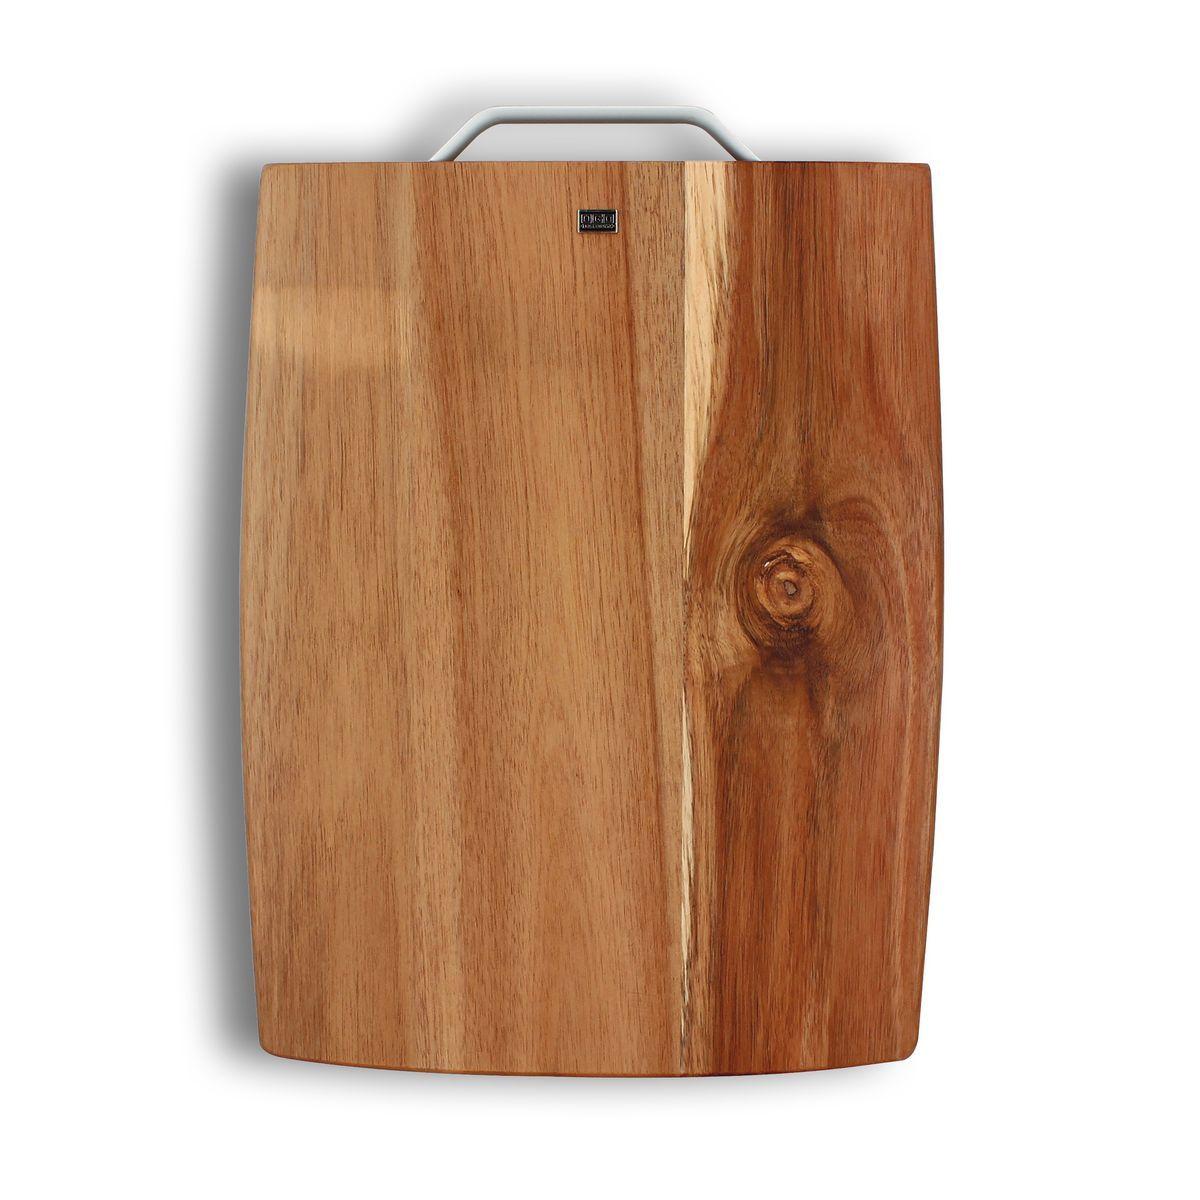 Planche à découper en acacia 39 x 30 cm